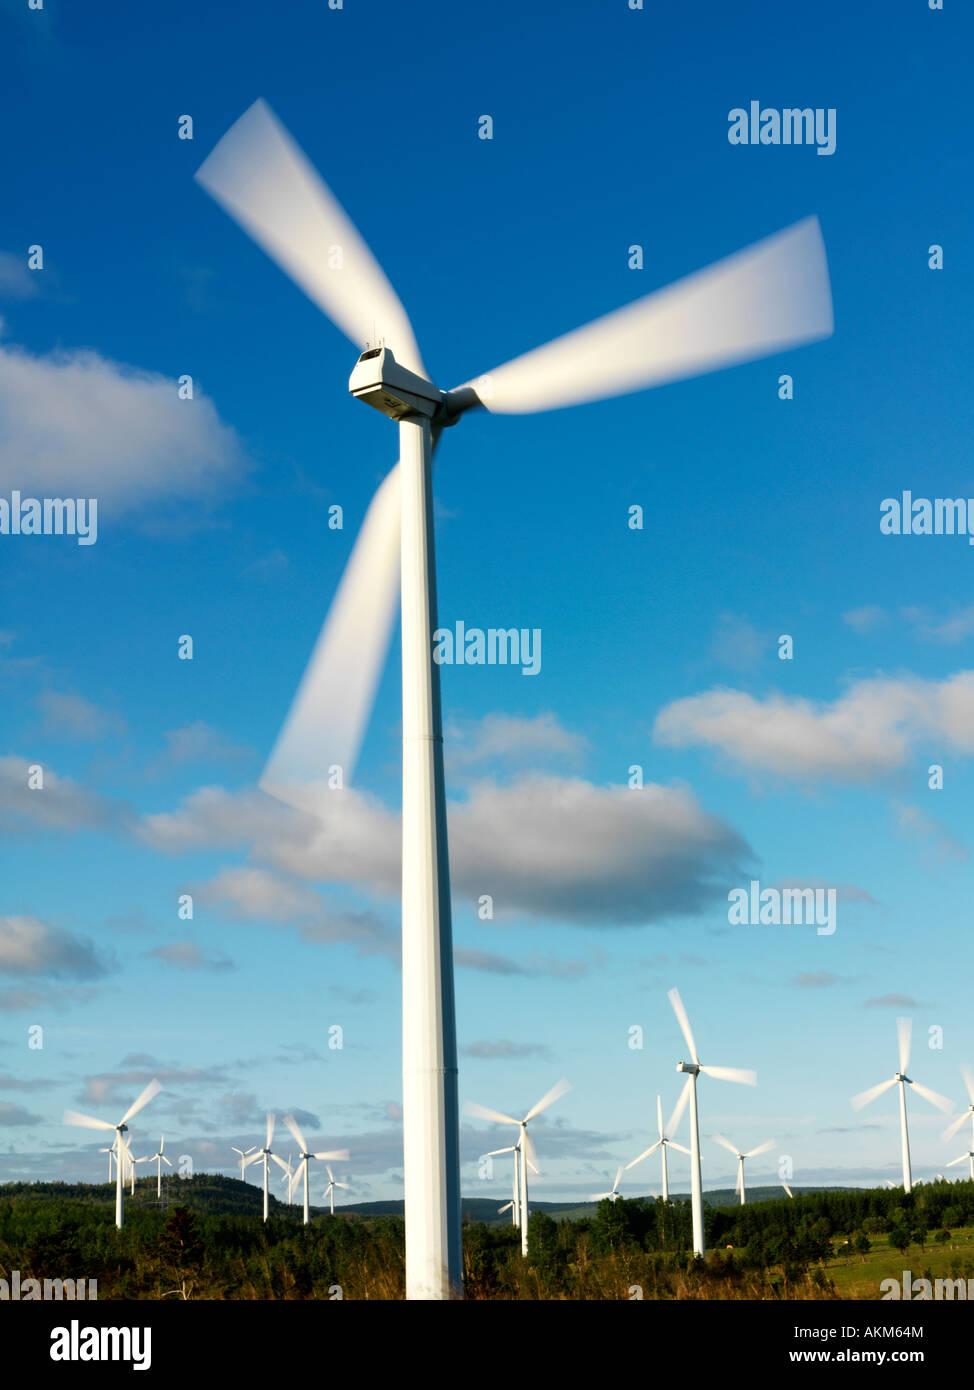 Kanada-Quebec Gaspesie Cap Chat Windkraftanlagen zur Erzeugung von Strom Stockbild